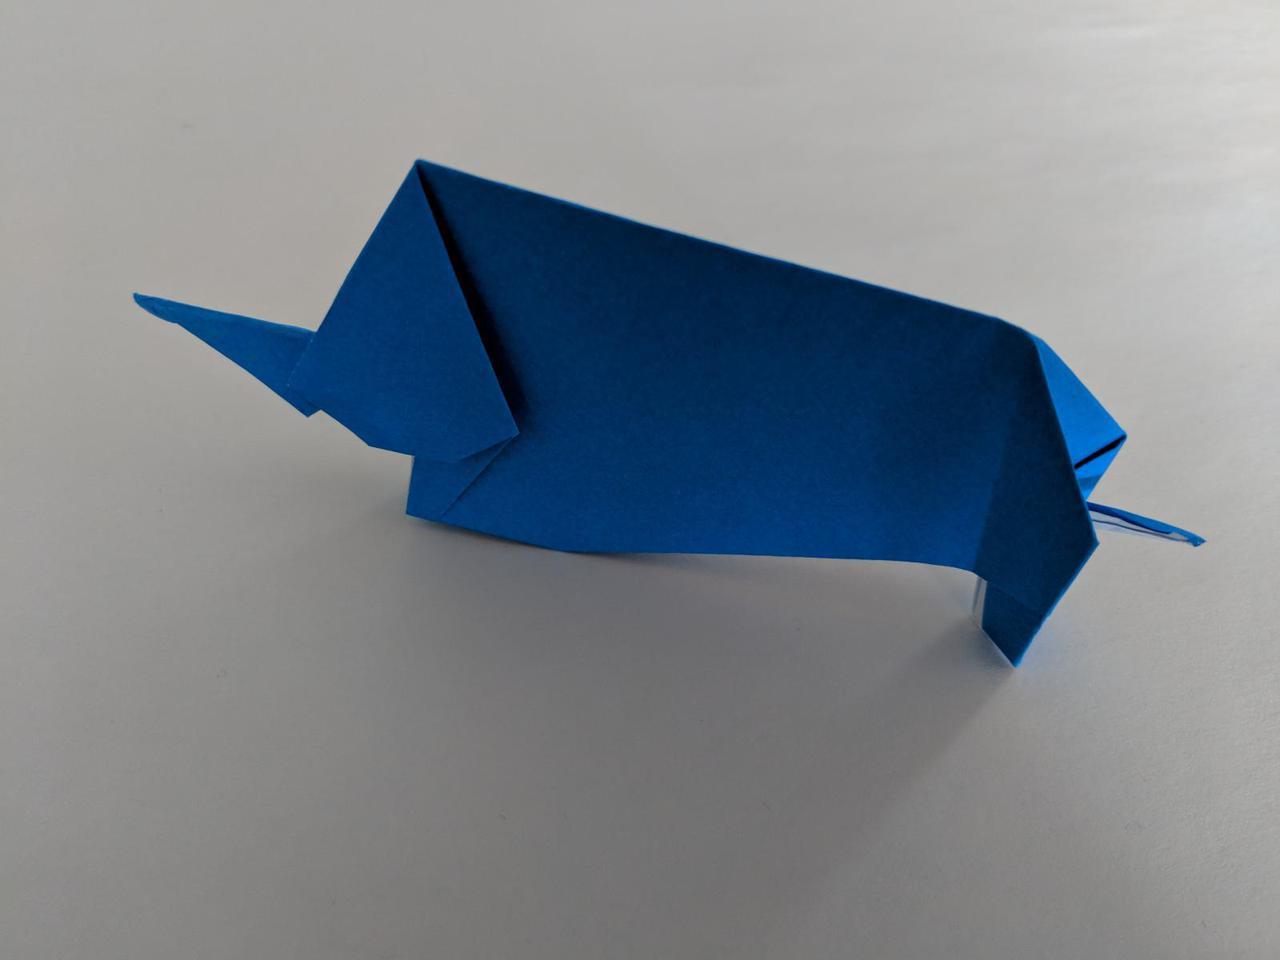 Origami elephant ixora for my final project i designed this origami elephant jeuxipadfo Choice Image